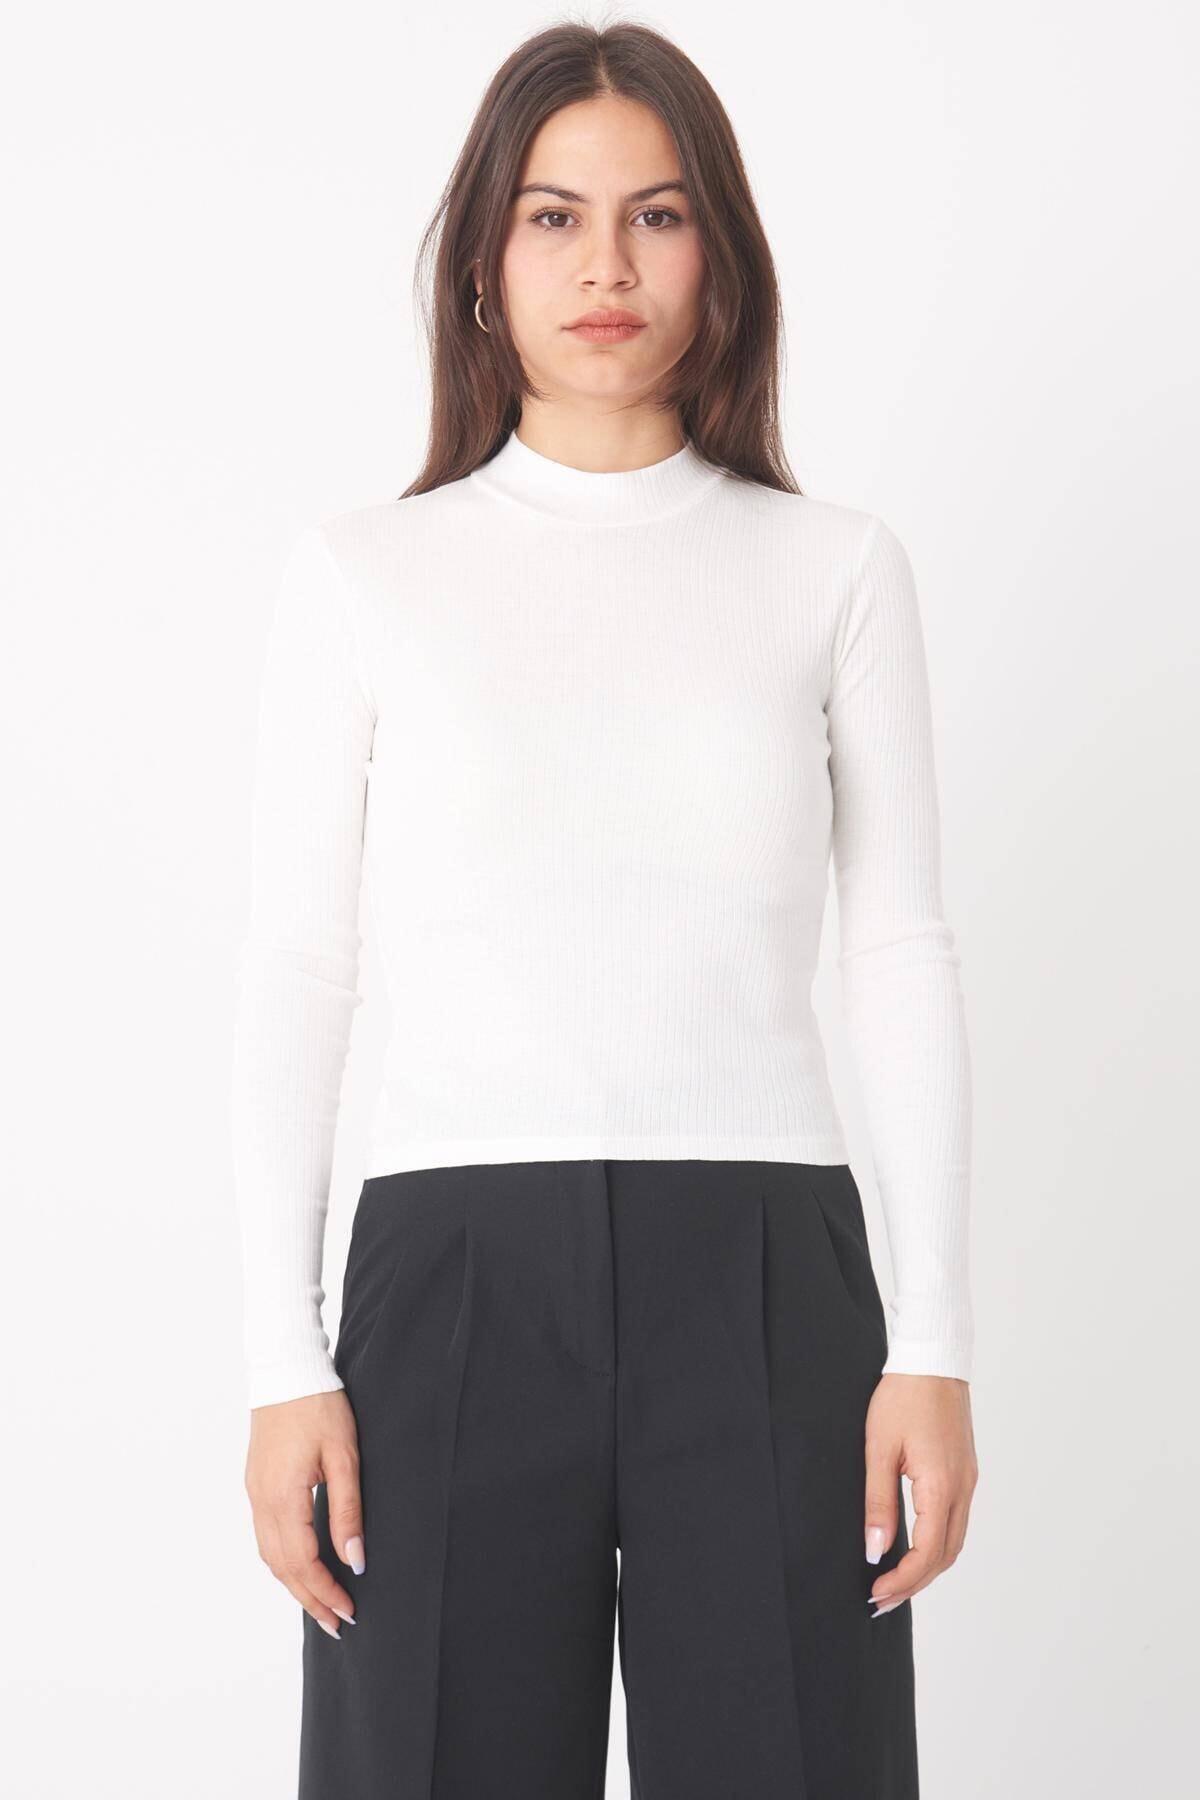 Addax Kadın Ekru Uzun Kollu Bluz B1070 - U8 ADX-0000023027 2